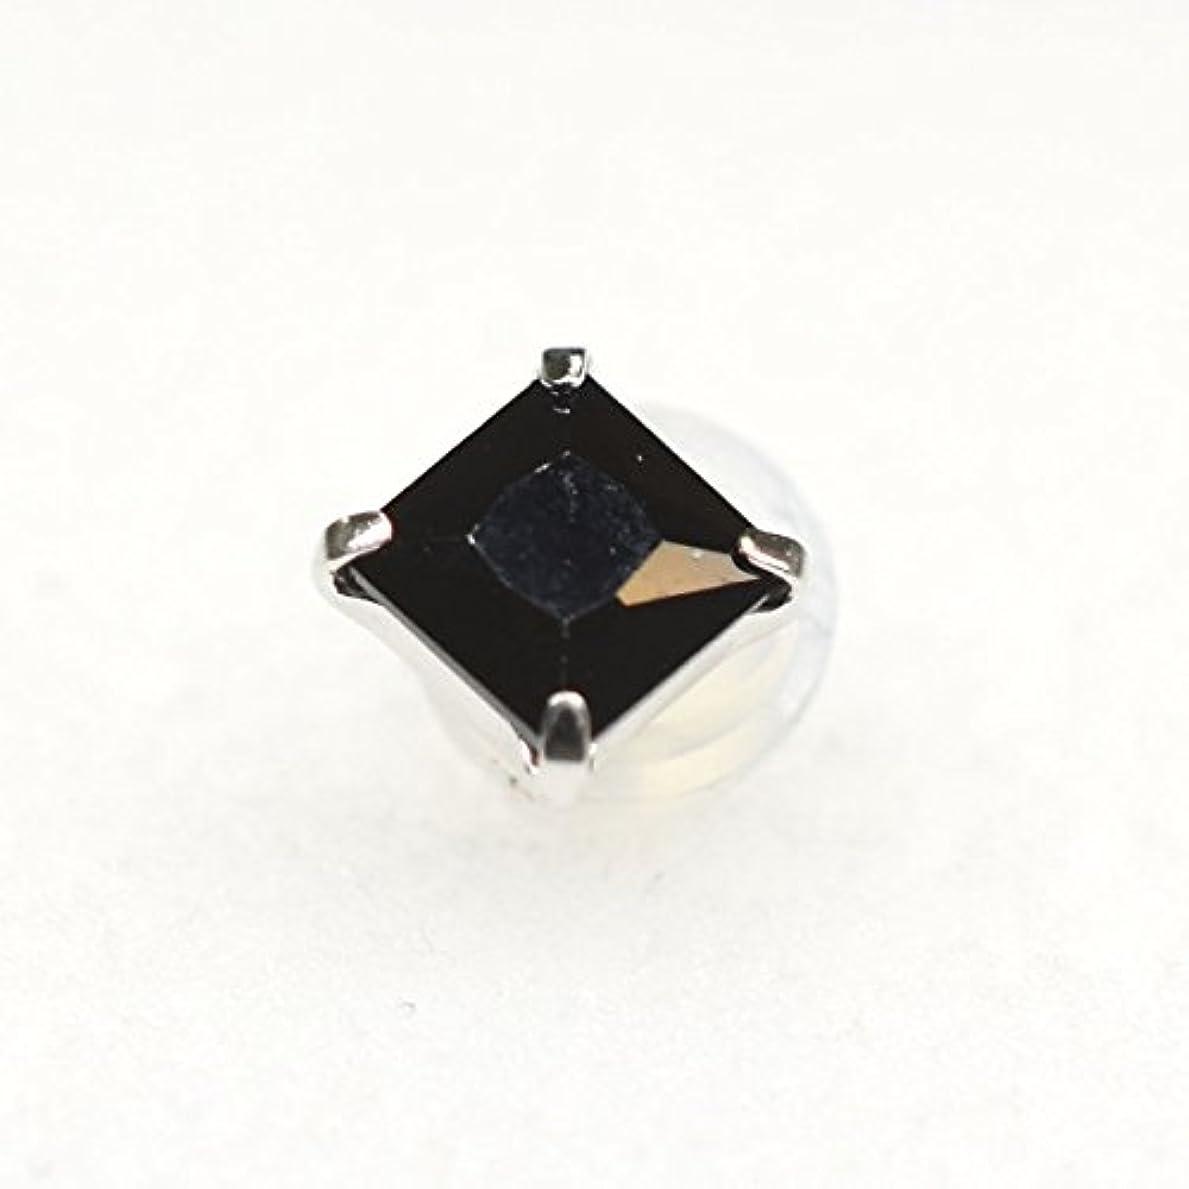 クロス誤ネストK14WG 角4本爪 片耳 メンズピアス 4mmBLキュービック